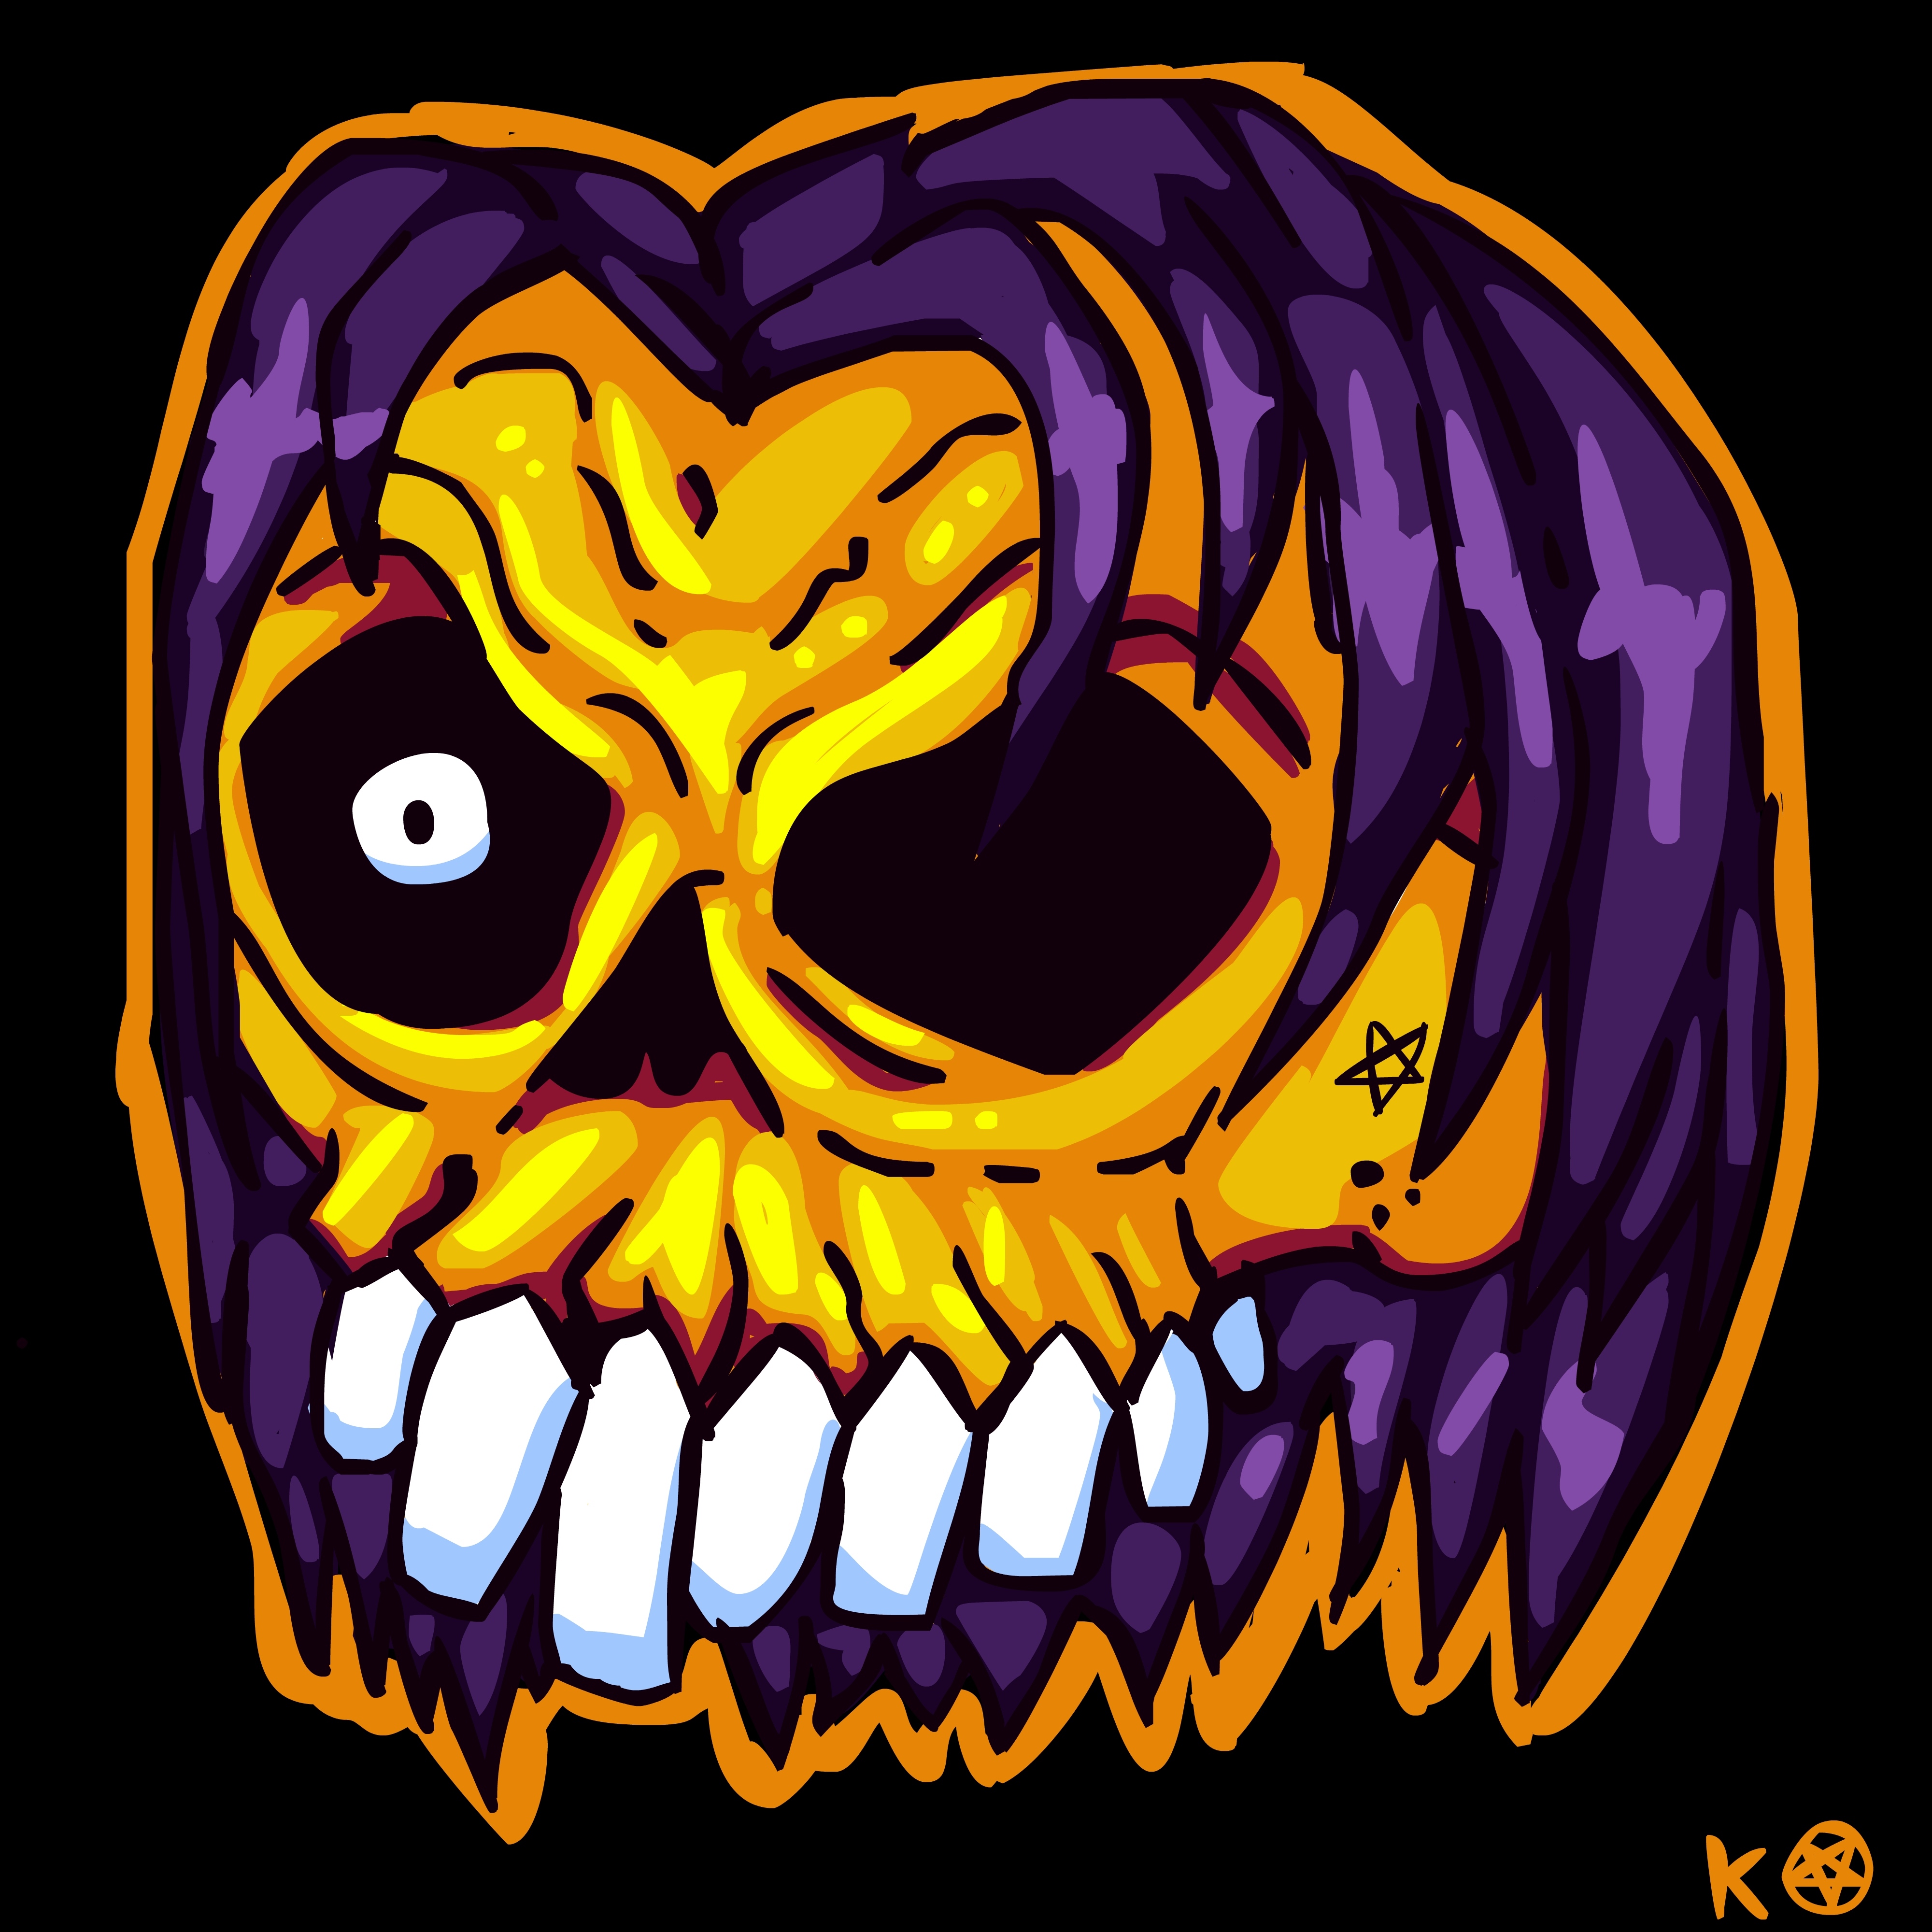 Kramps Skull Thing